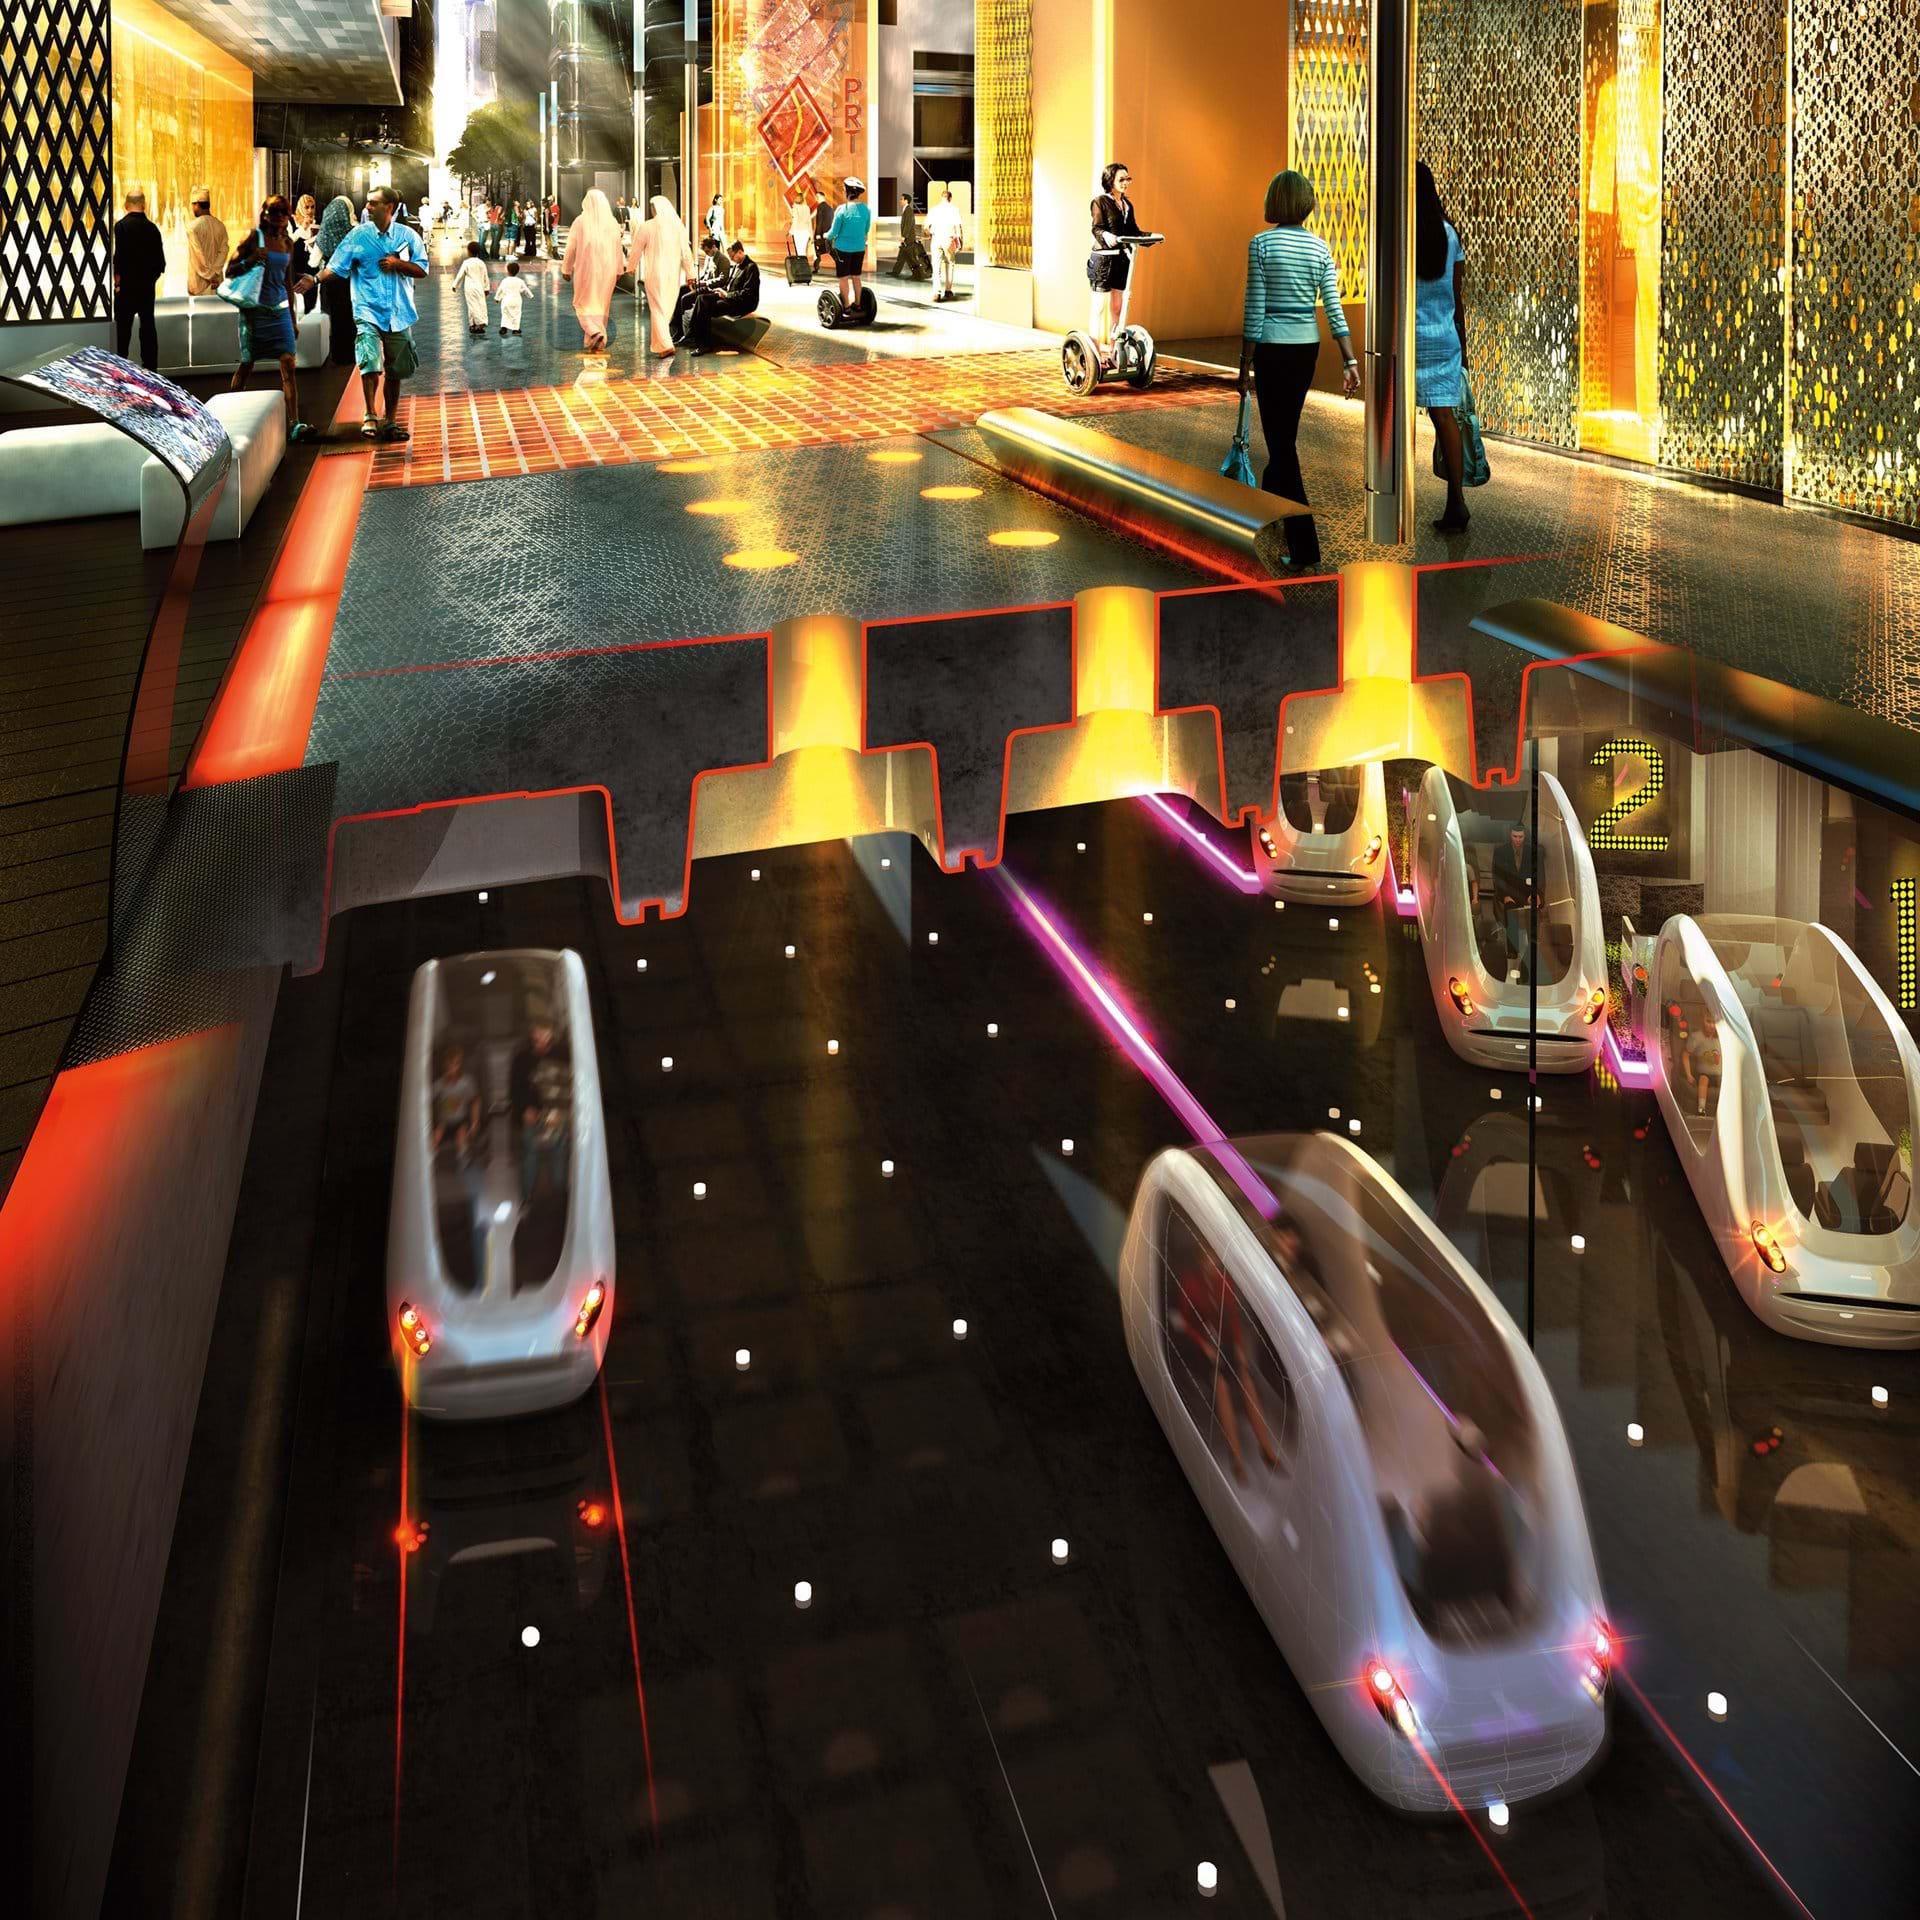 Zukunftsvision für Städte der Zukunft von Architekt Norman Foster: Elektroautos sollen autonom unter den Straßen fahren. Foster hat auch Masdar Cityentworfen.